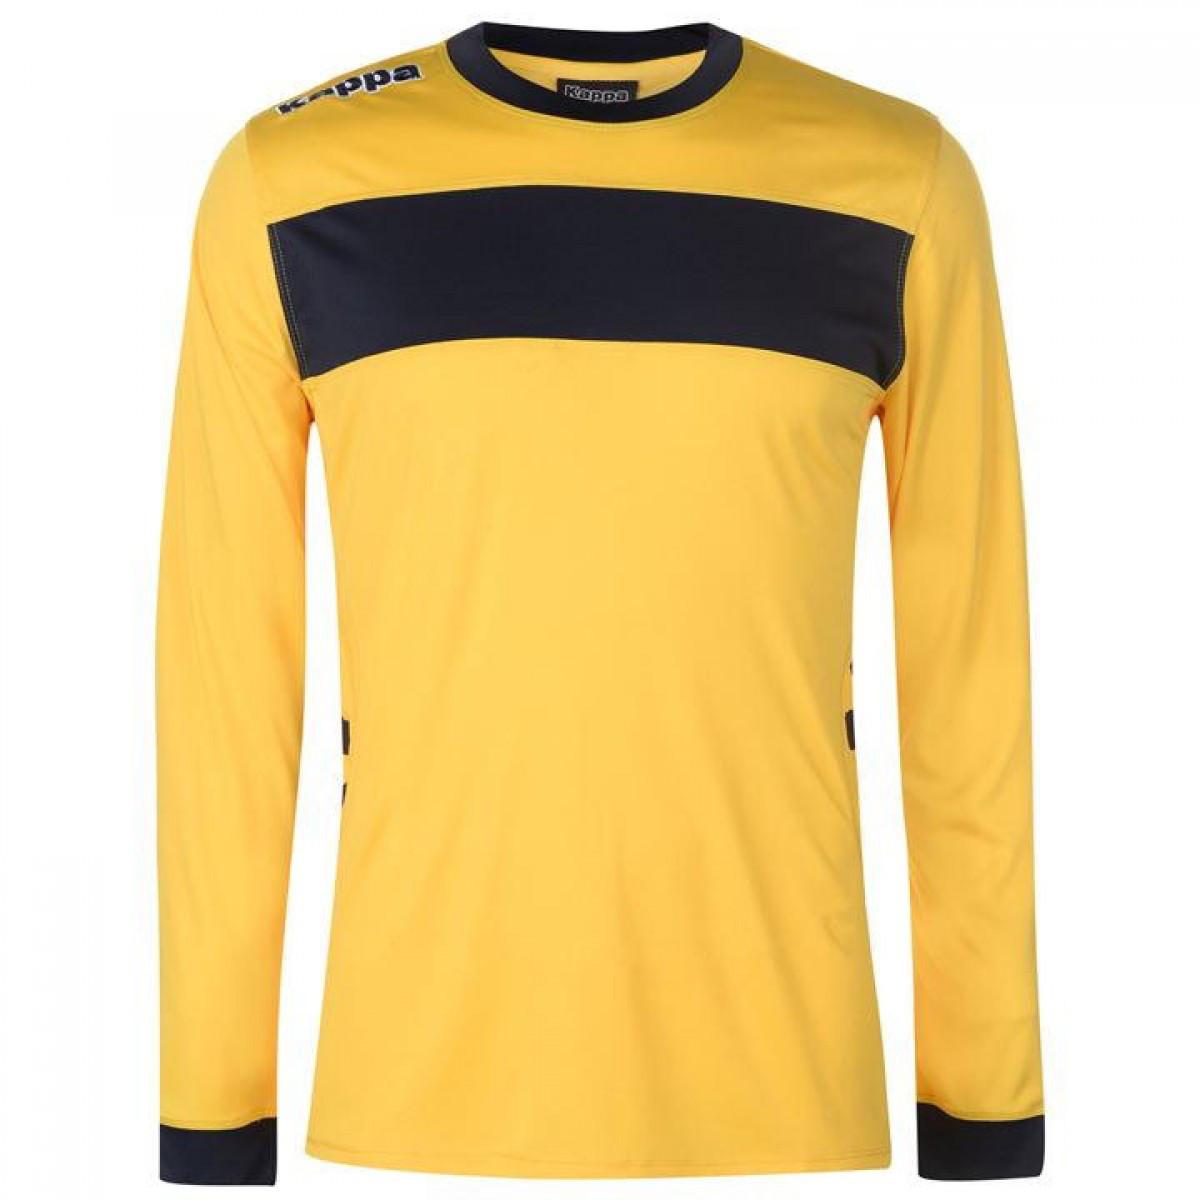 492a6d8e7931 Лонгслив Kappa Remilio Long Sleeve Yellow Black - Оригинал — в ...